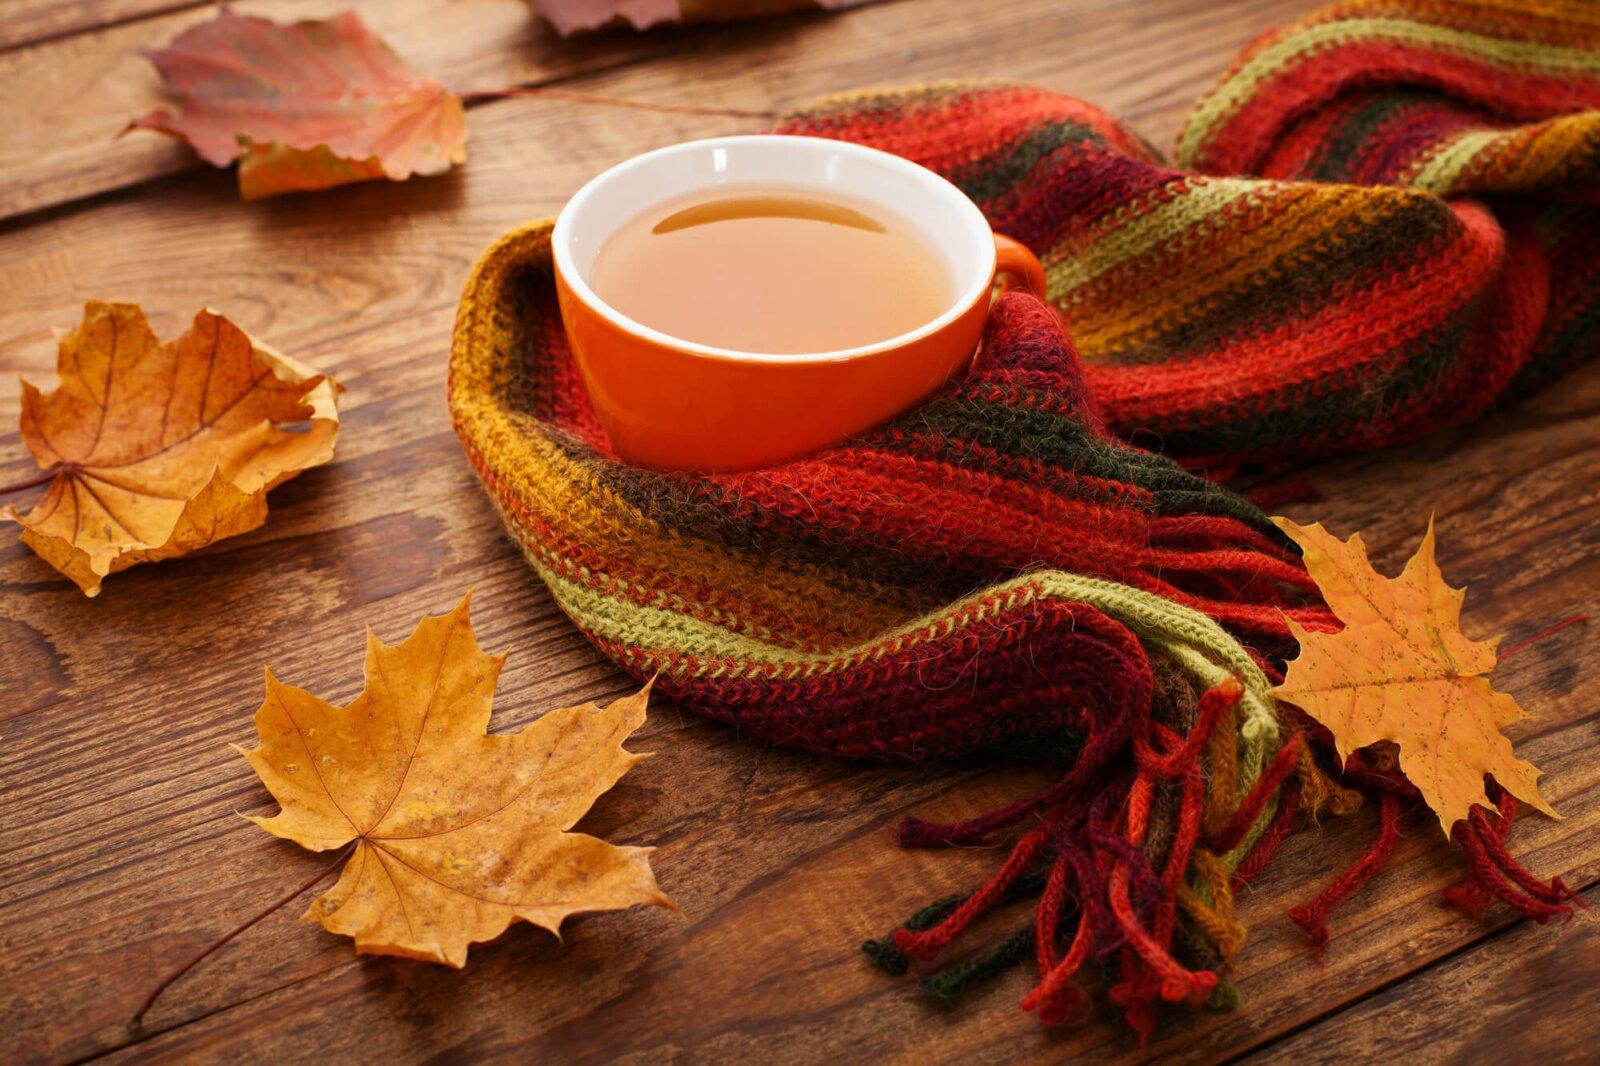 Kubek z herbatą owinięty szalikiem i liśćmi wokół